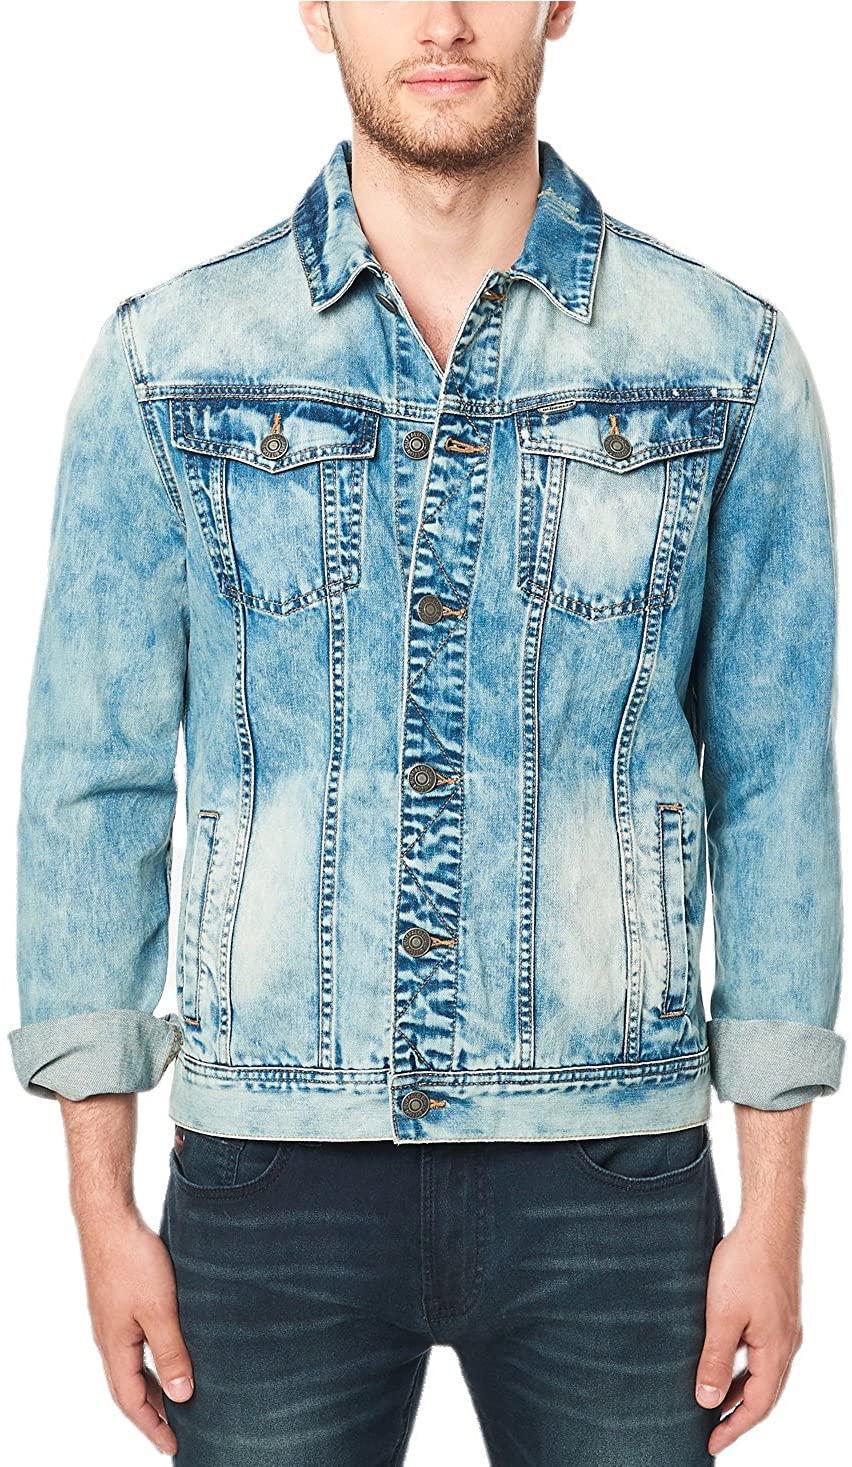 Buffalo David Bitton Men's Joe Denim Jacket BM20565